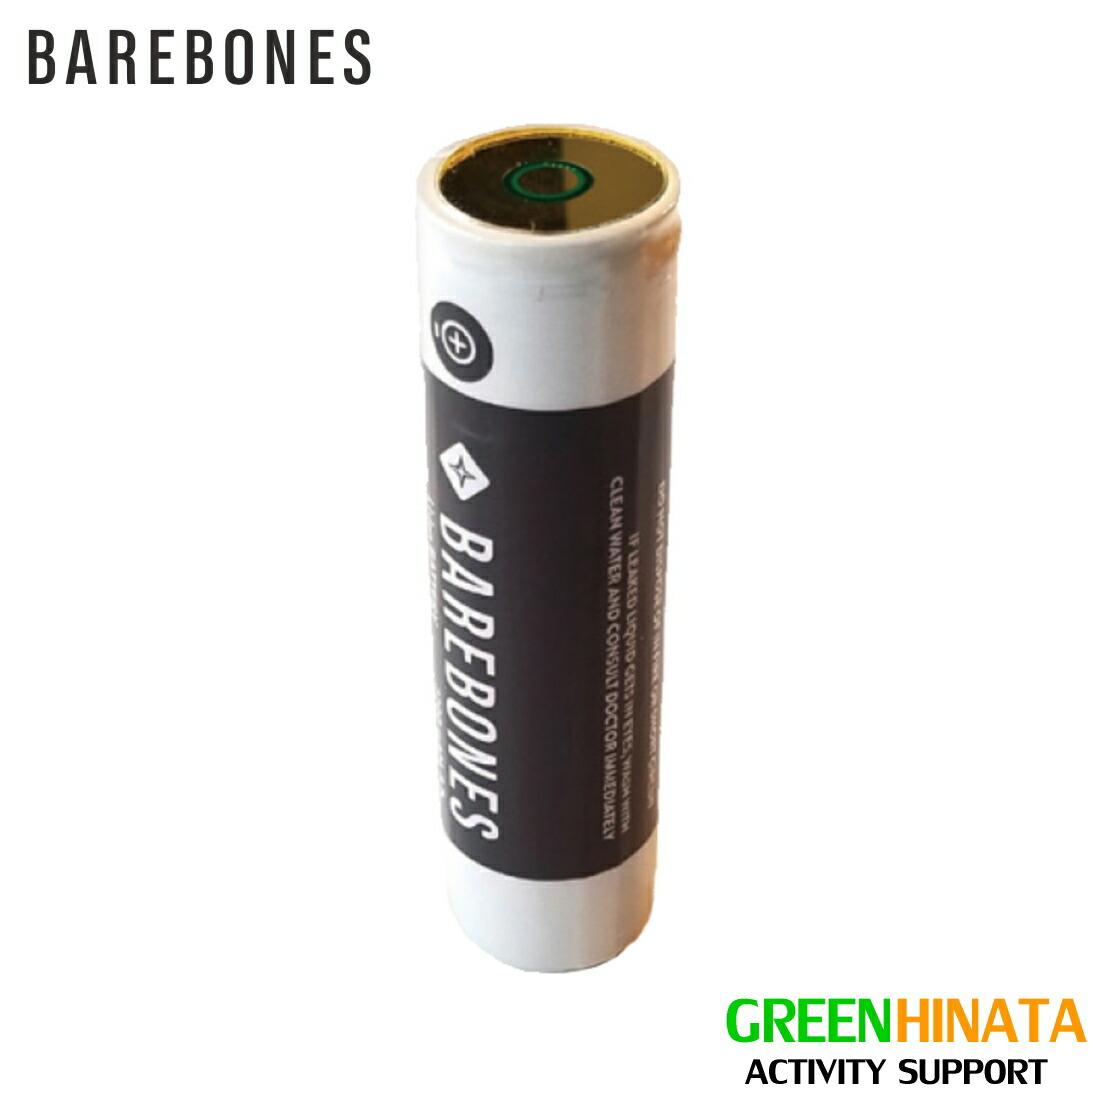 ベアボーンズ リビング 替えバッテリー ビンテージフラッシュライト ビーコンライト用 バッテリー  国内正規品